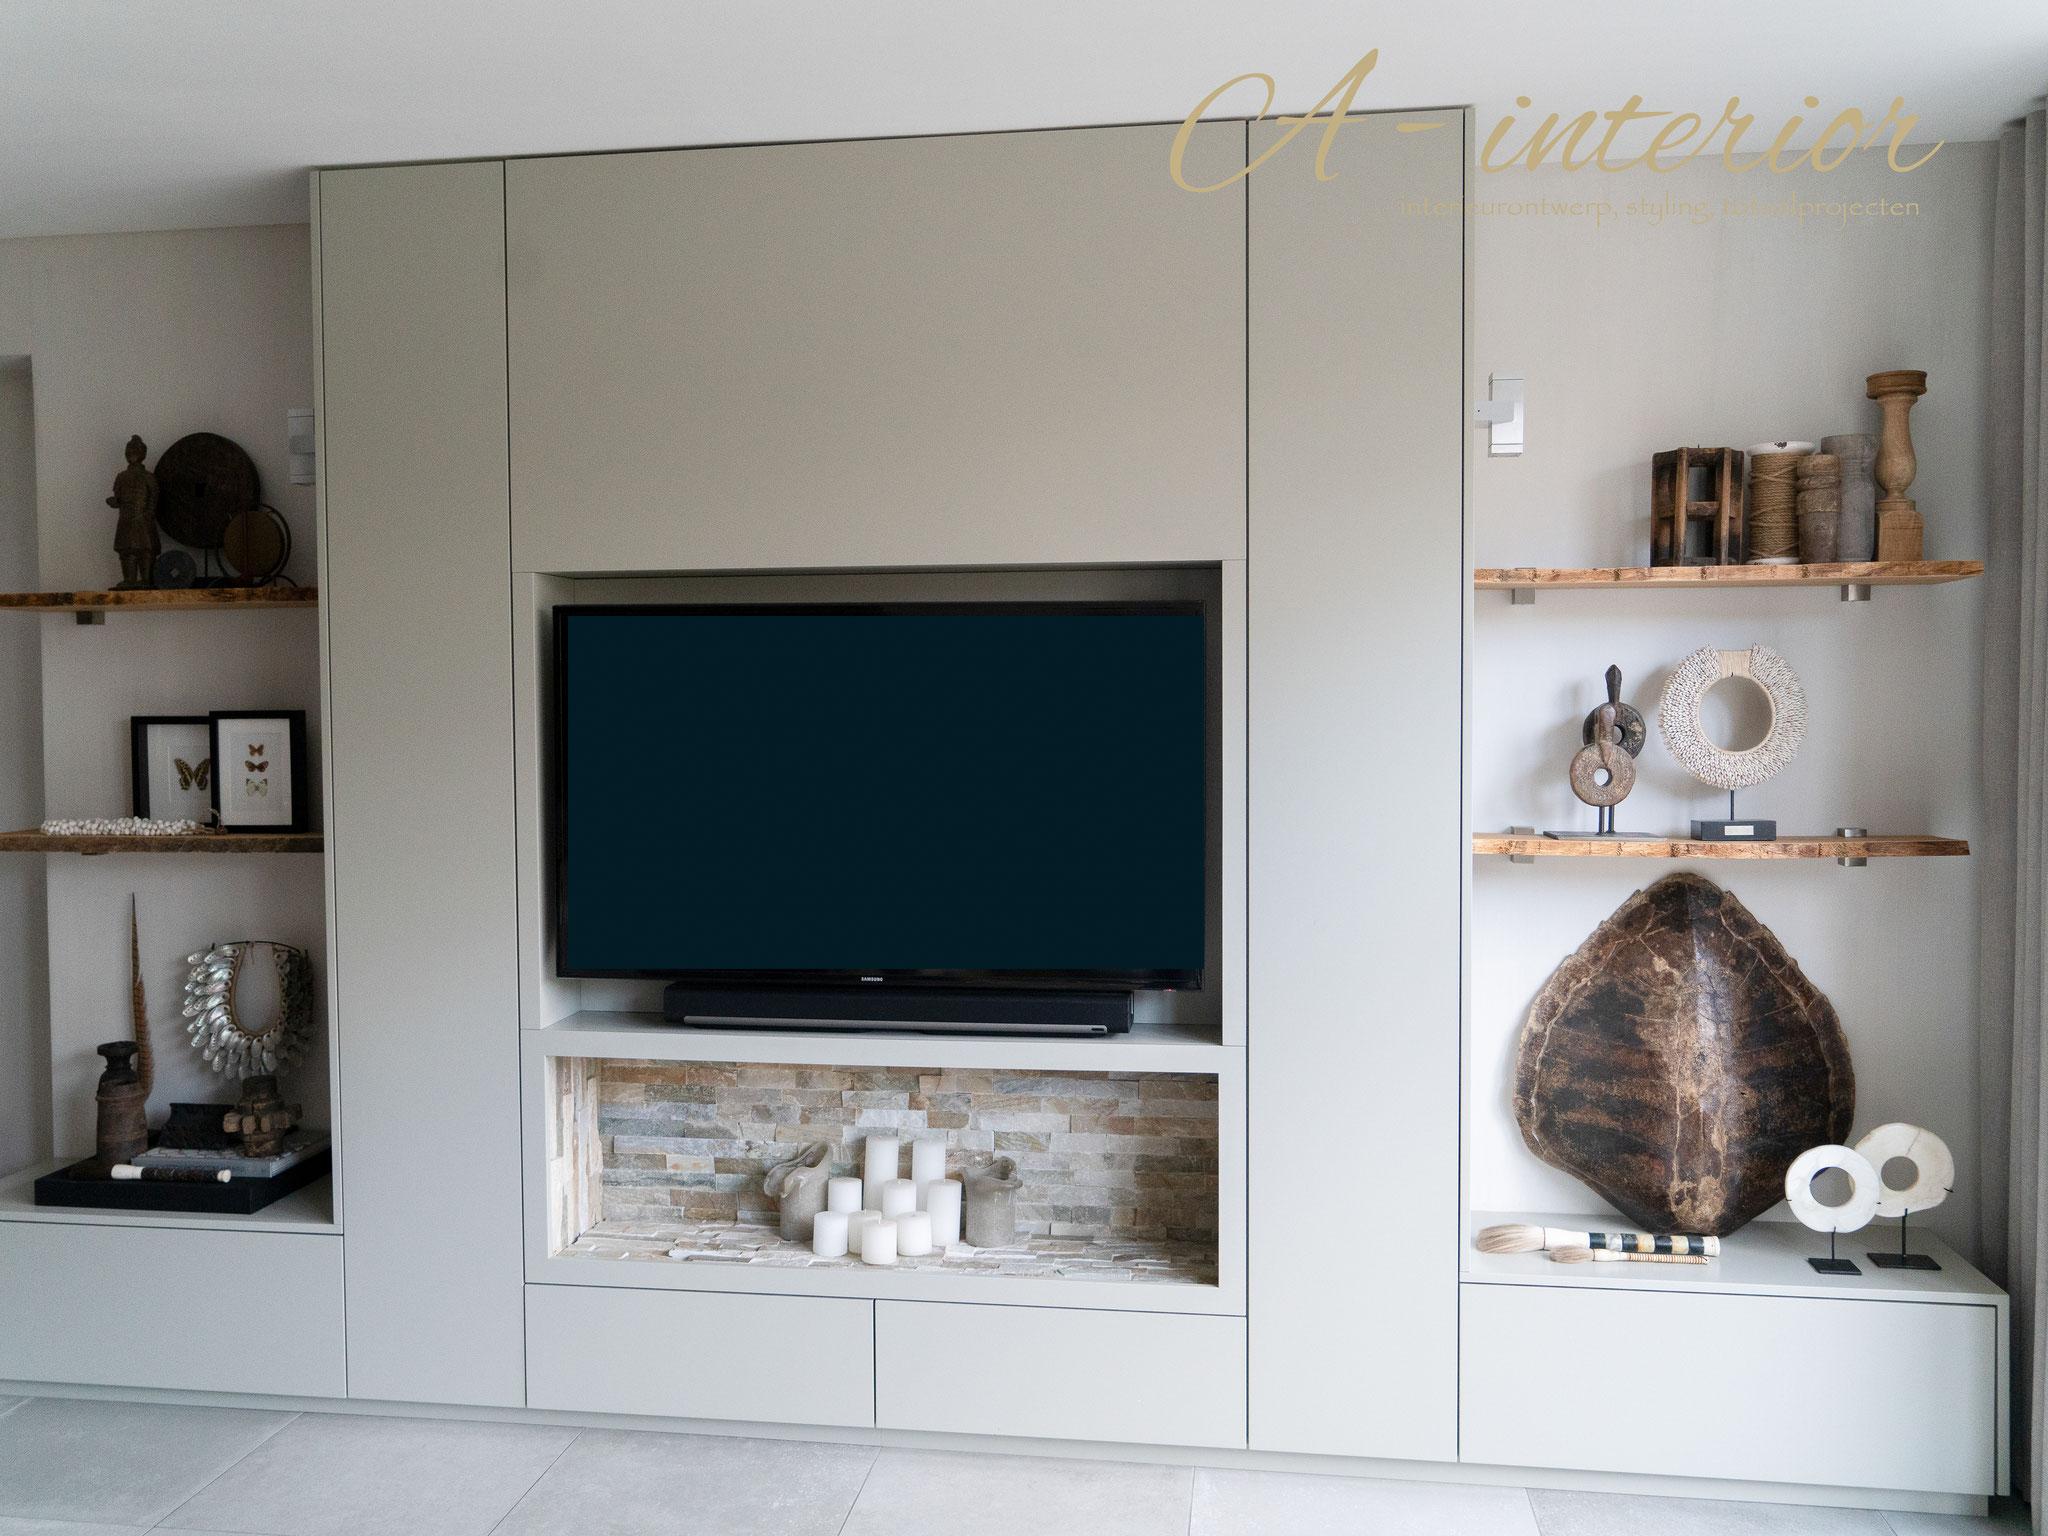 Mooi Houten Tv Meubel.Meubelontwerp A Interior Interieurdesign